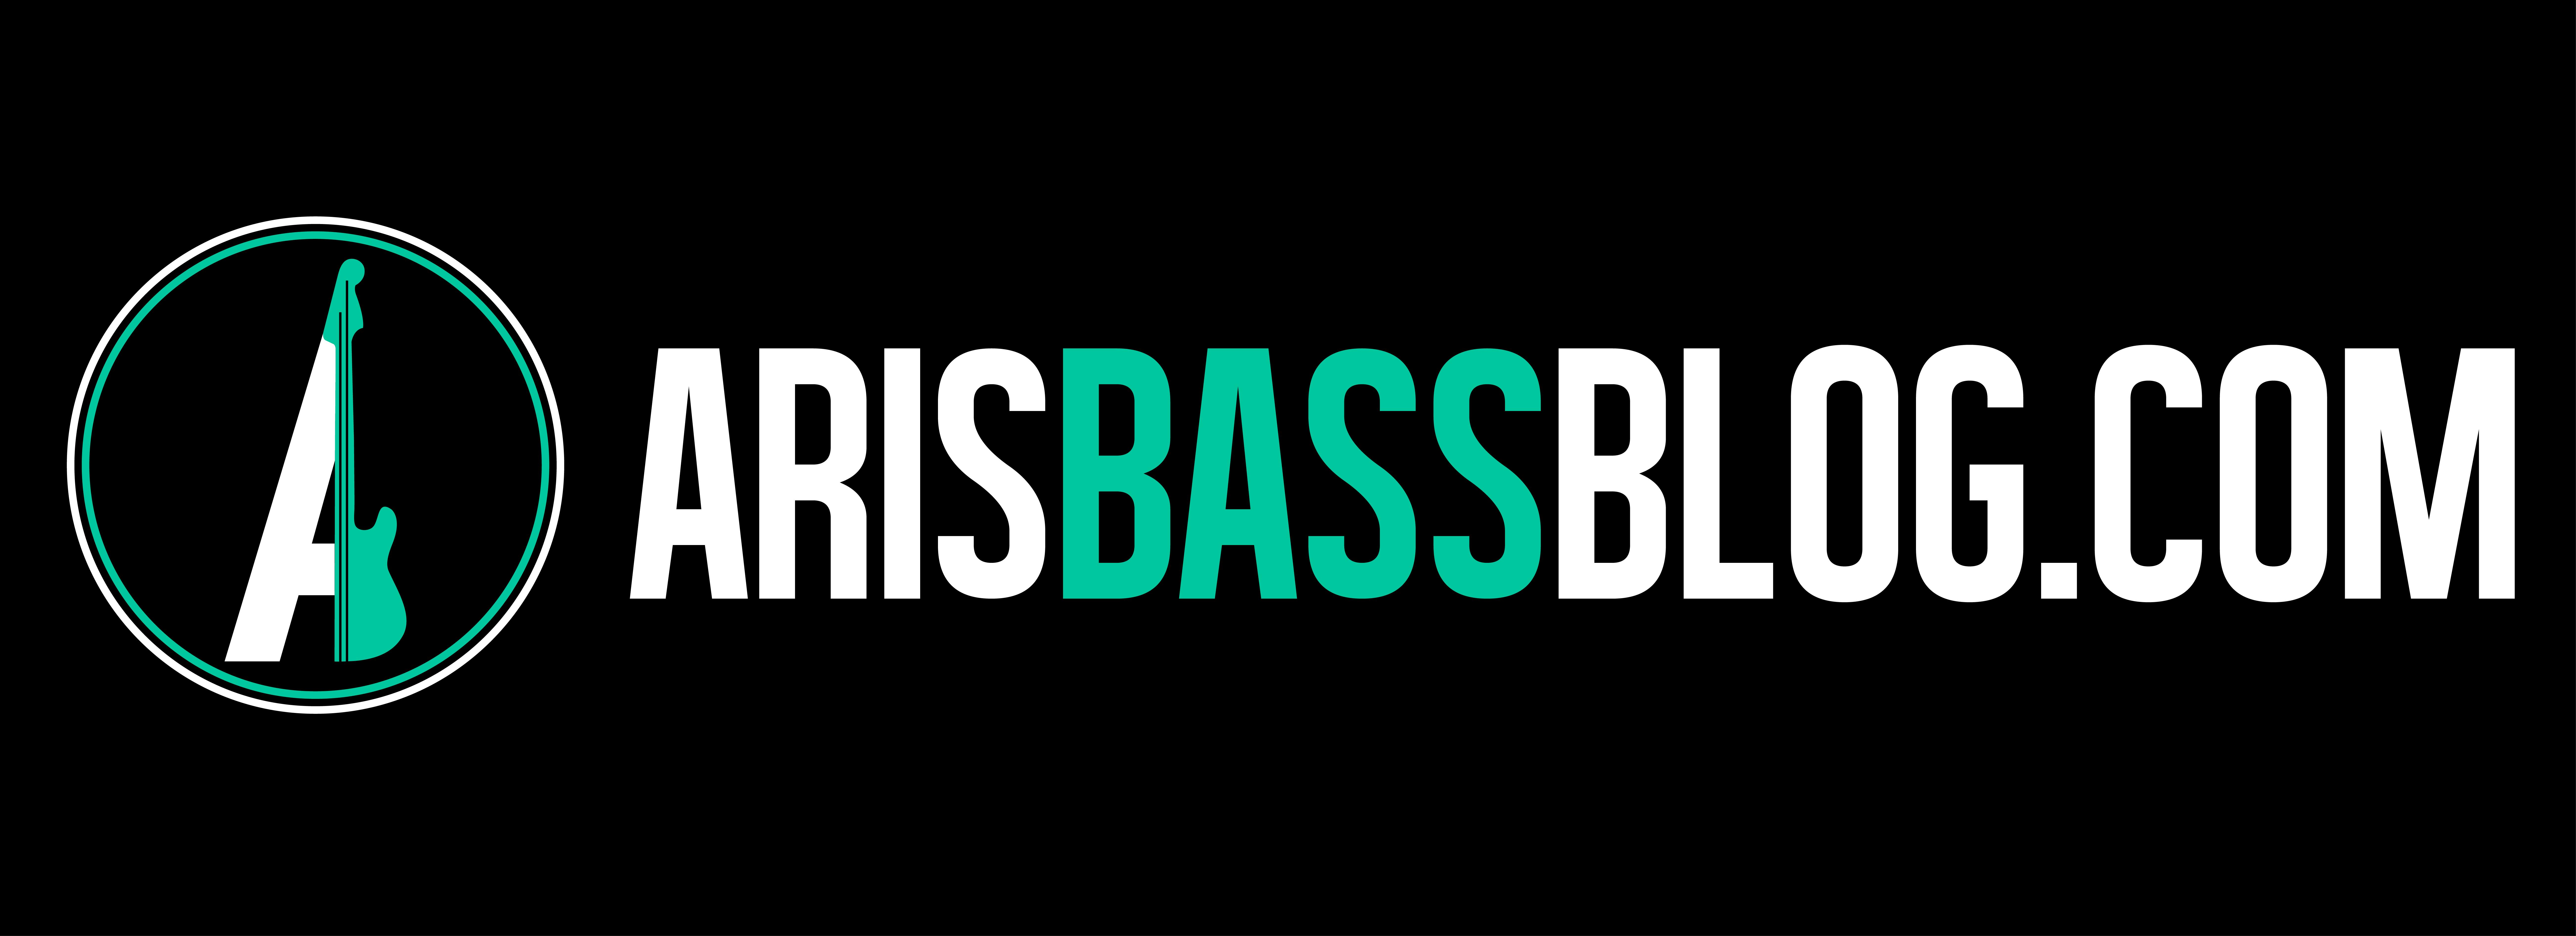 ArisBassBlog